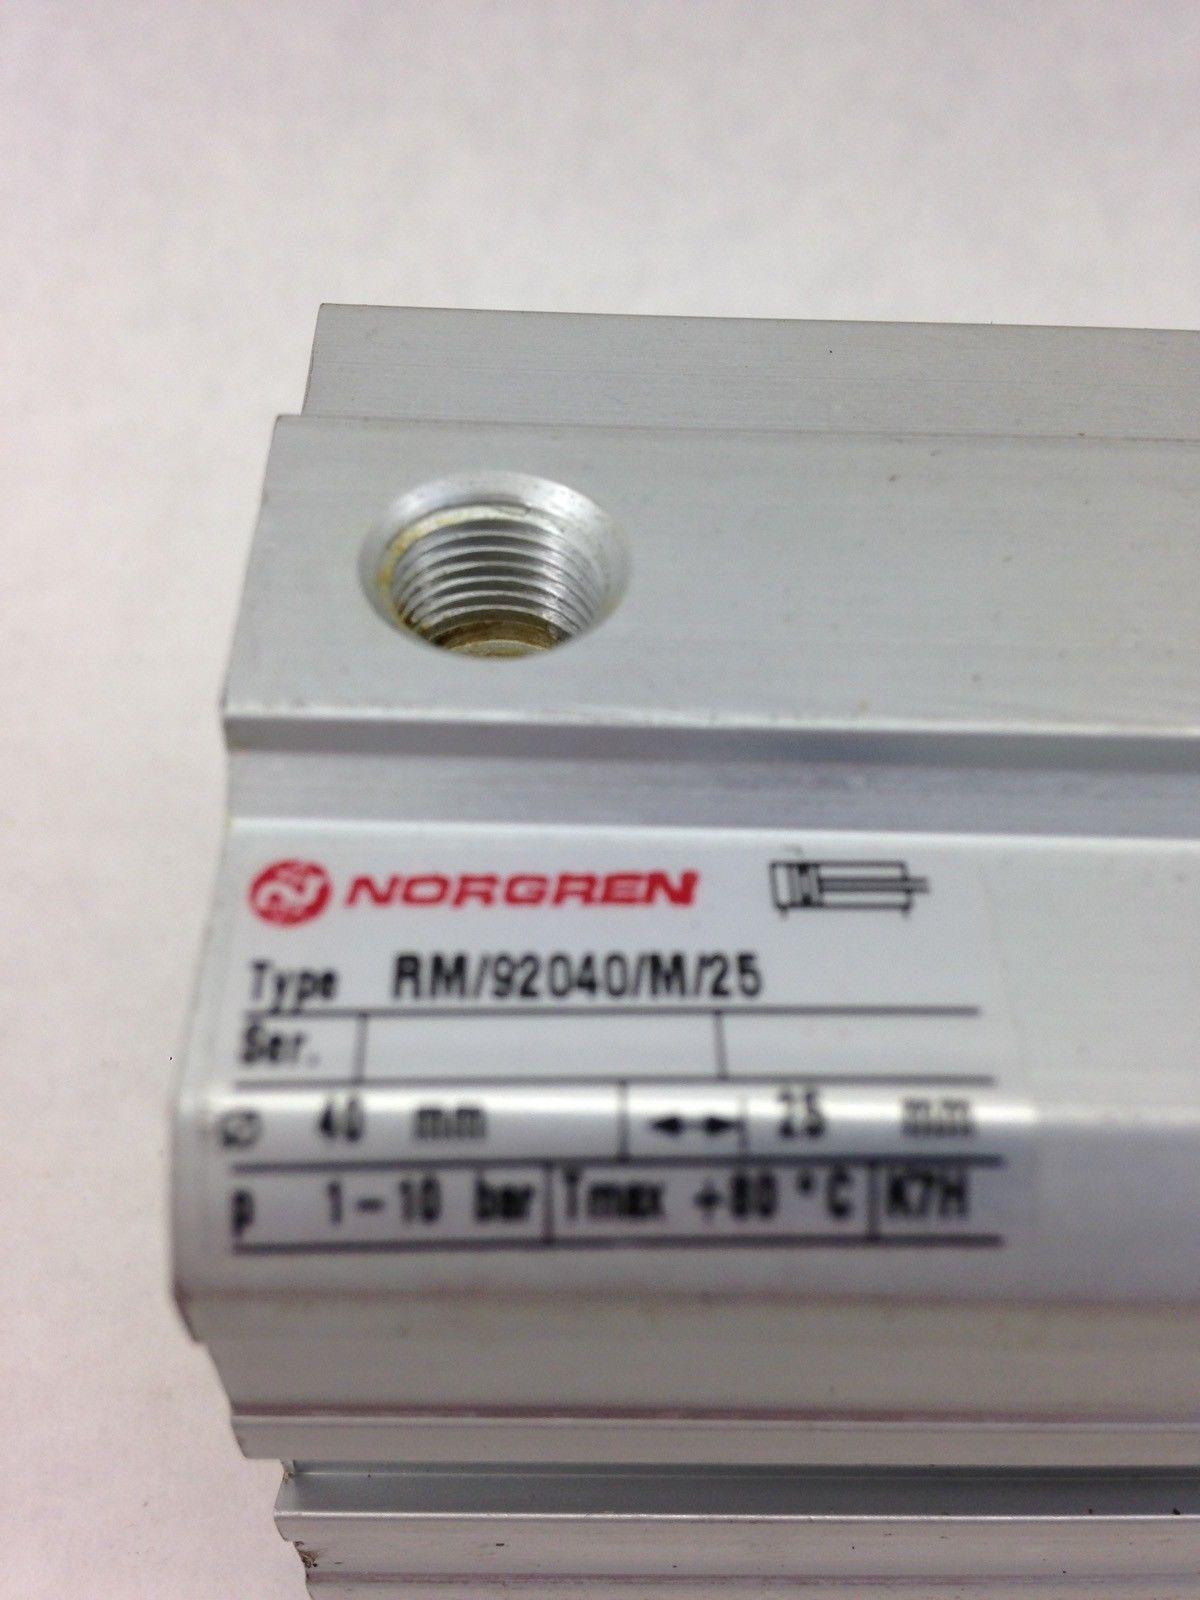 NORGREN RM/92040/M/25, 40X25MM COMPACT CYLINDER VALVES (A839) 2